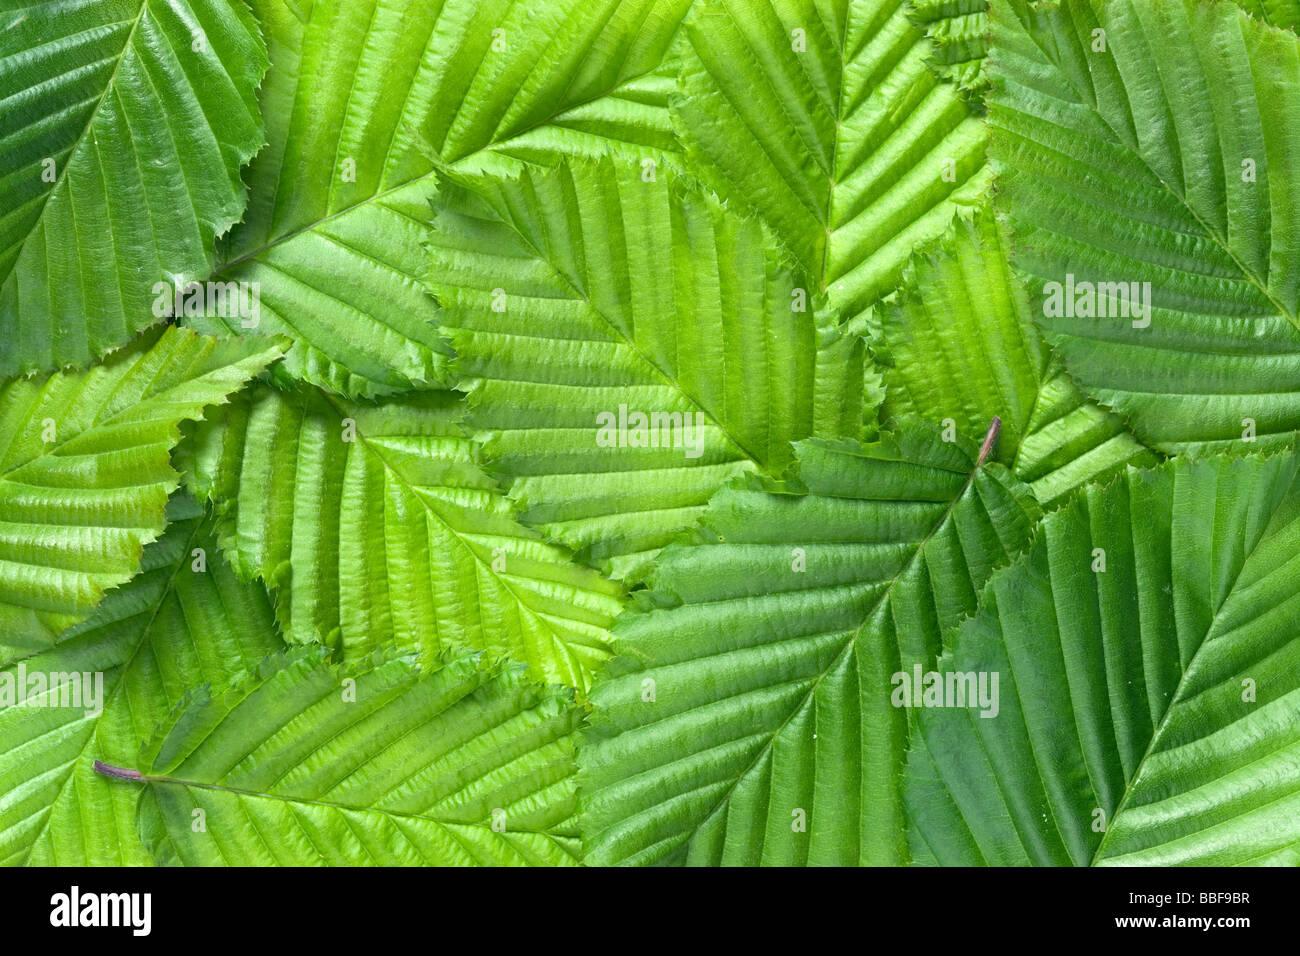 Modello di foglia. Carpino bianco foglie, Carpinus betulus. Immagini Stock